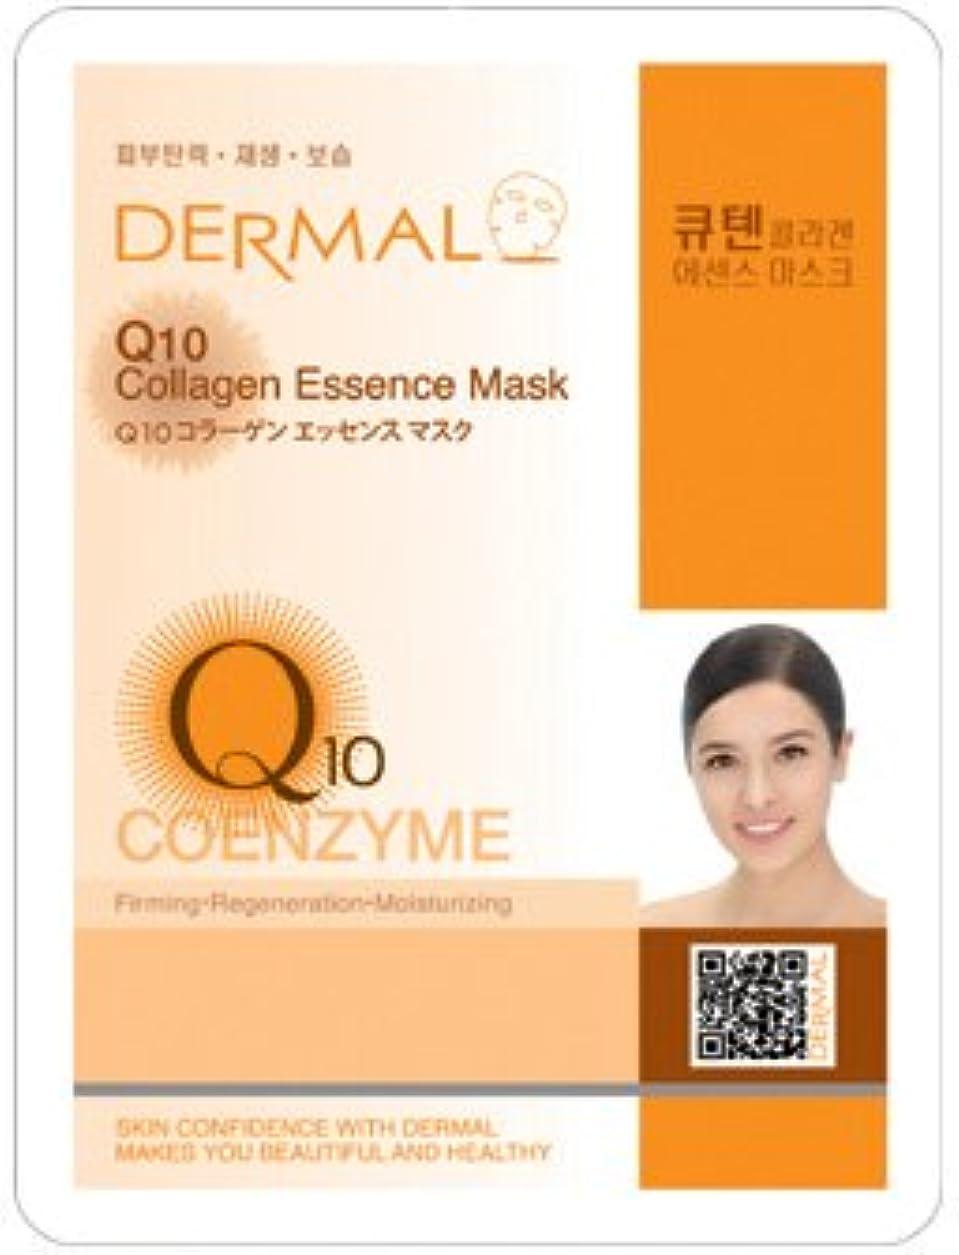 フレッシュ肺炎資産シートマスク Q10 コエンザイム 10枚セット ダーマル(Dermal) フェイス パック